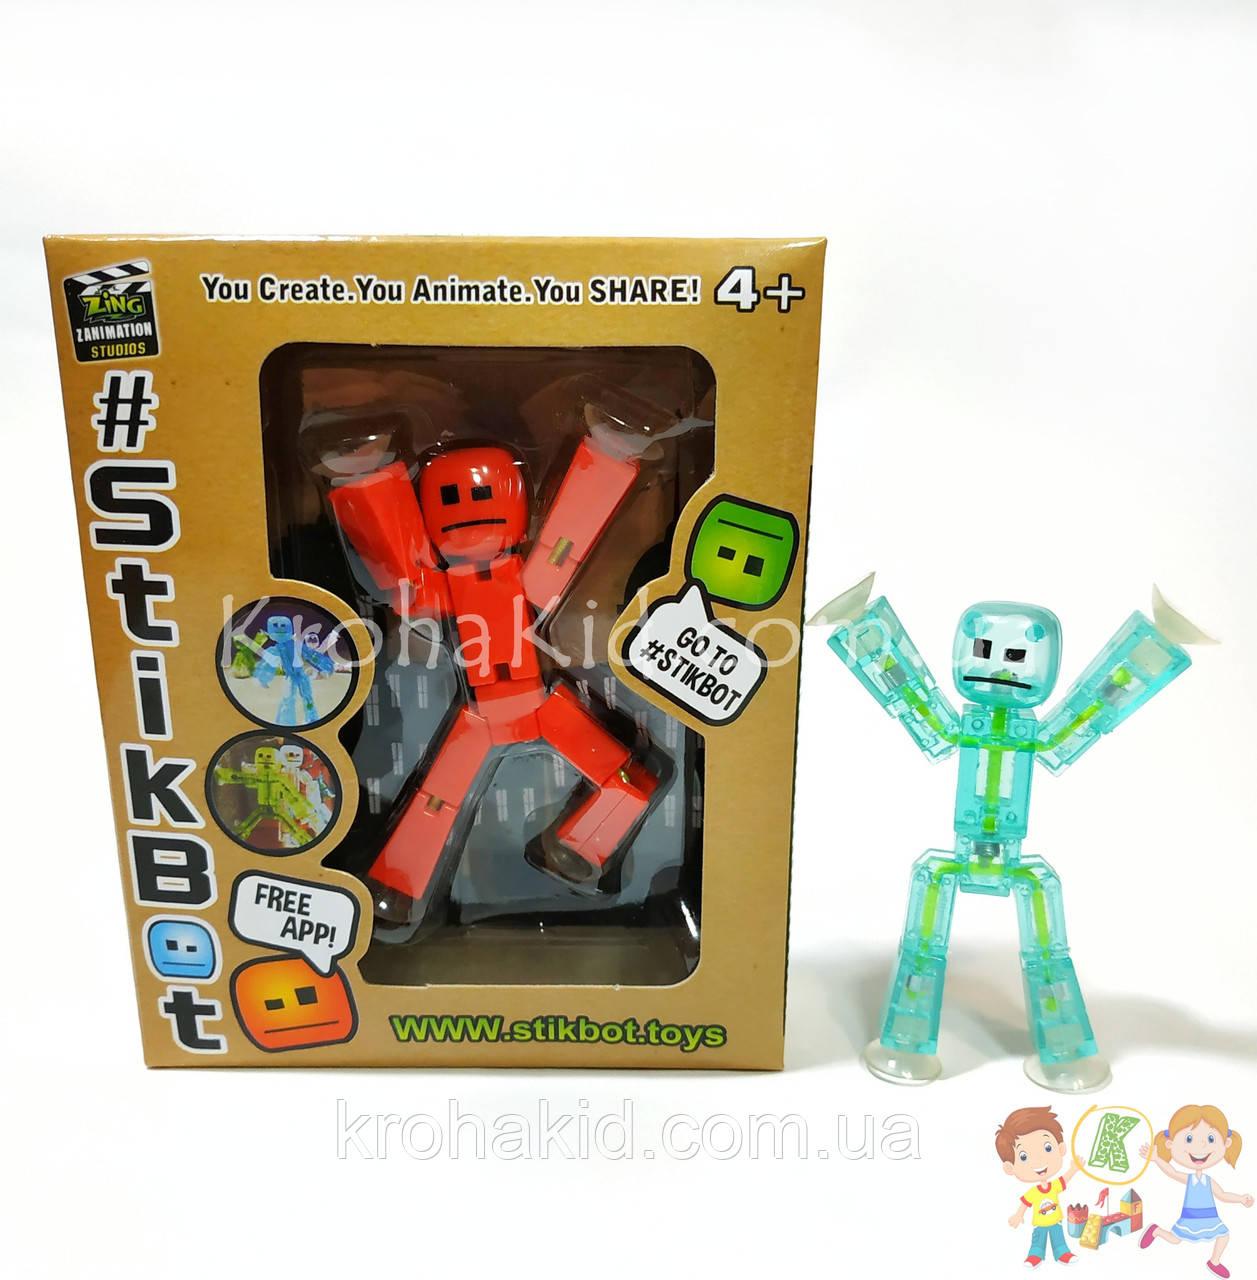 Фігурка чоловічка StikBot для анімаційного творчості TST616 в коробці (кольори в асортименті)